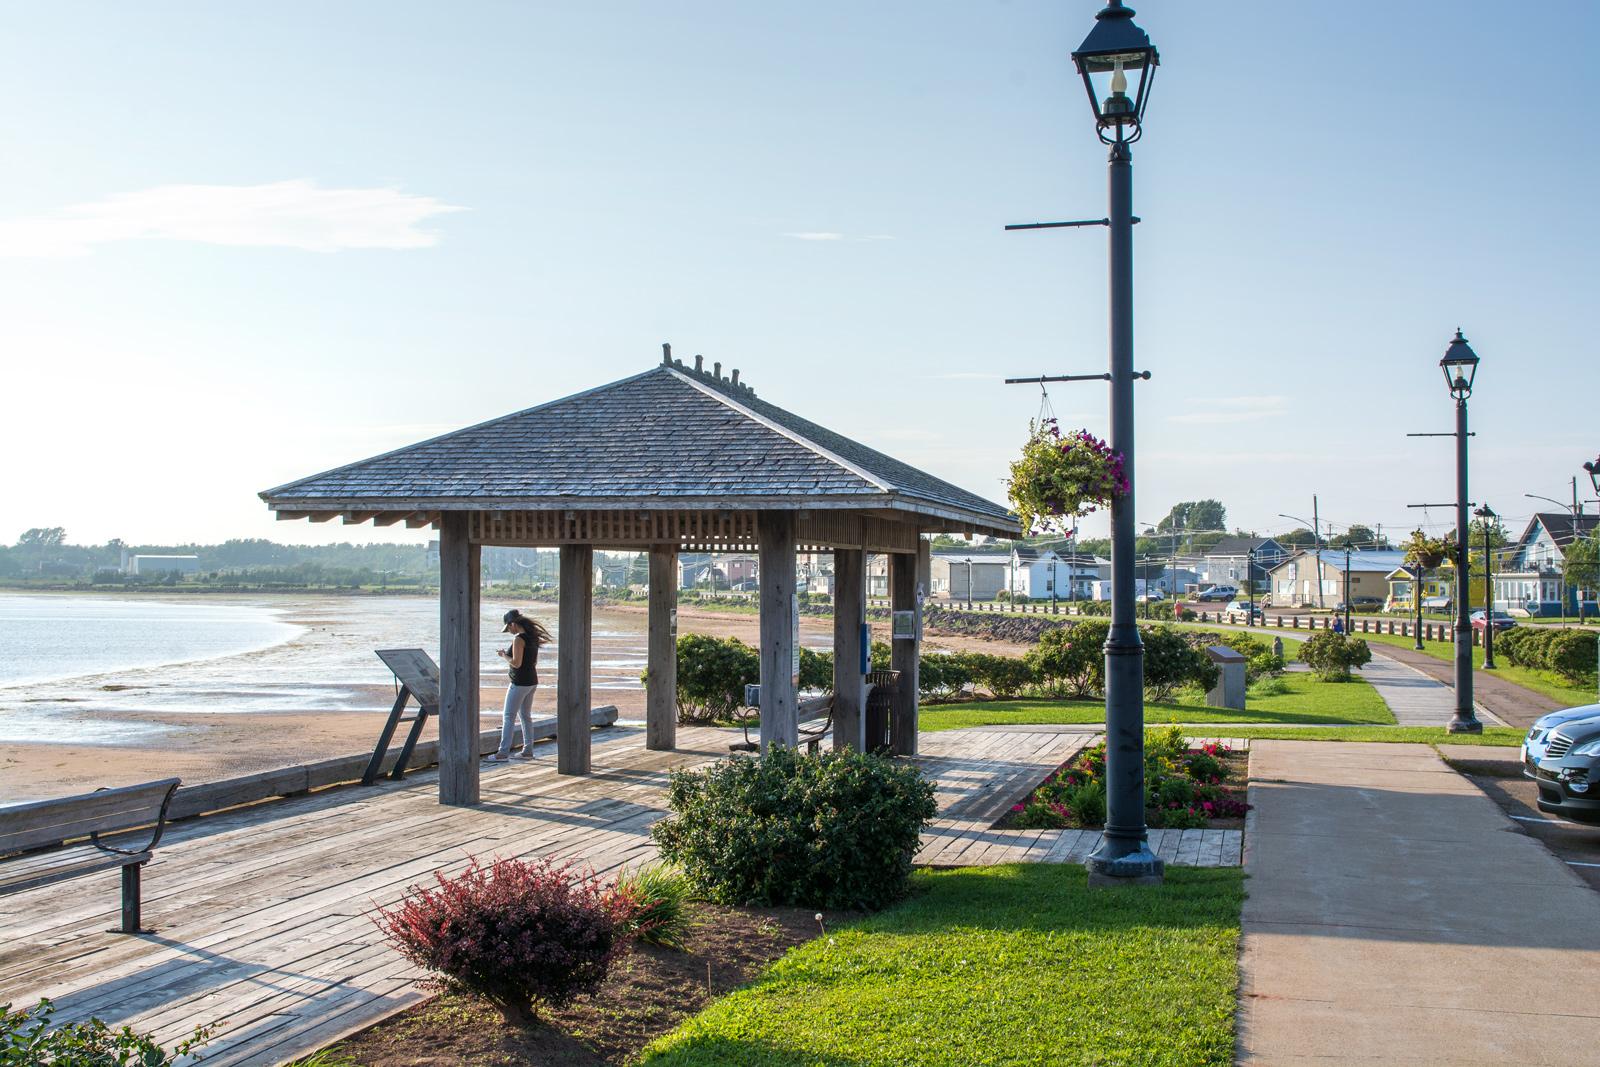 Summerside Boardwalk